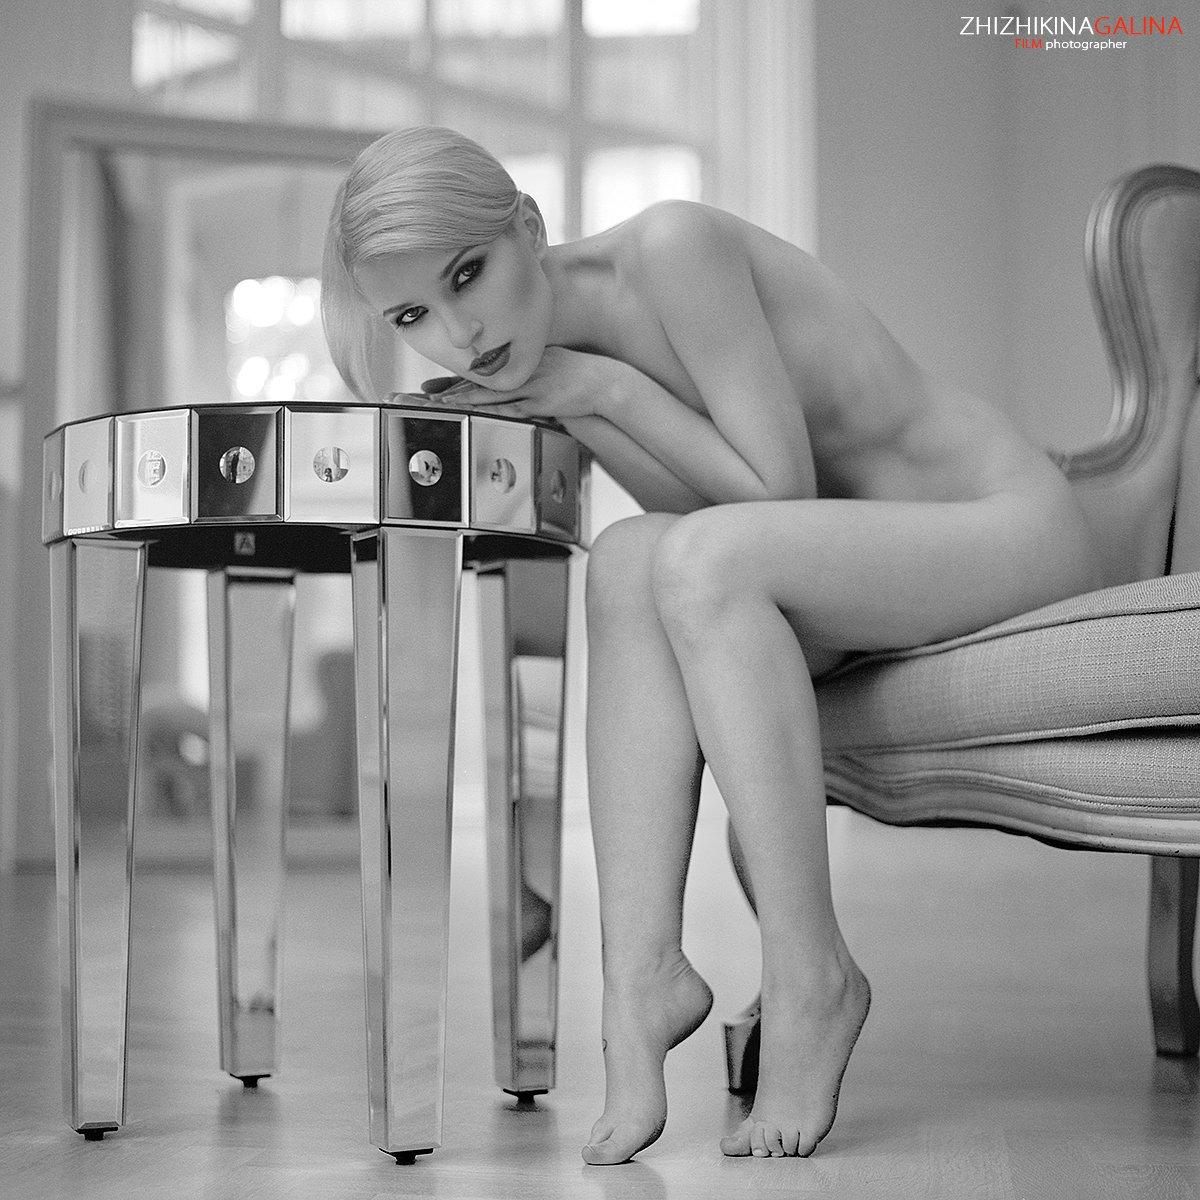 девушка, свет, модель, портрет, жанр, стол, нежность, искусство, грация, ню, модель, воркшоп, мастер-класс, люстра, soul, photo, photography, portrait, nature, art, nude, artnu, nu, Галина Жижикина